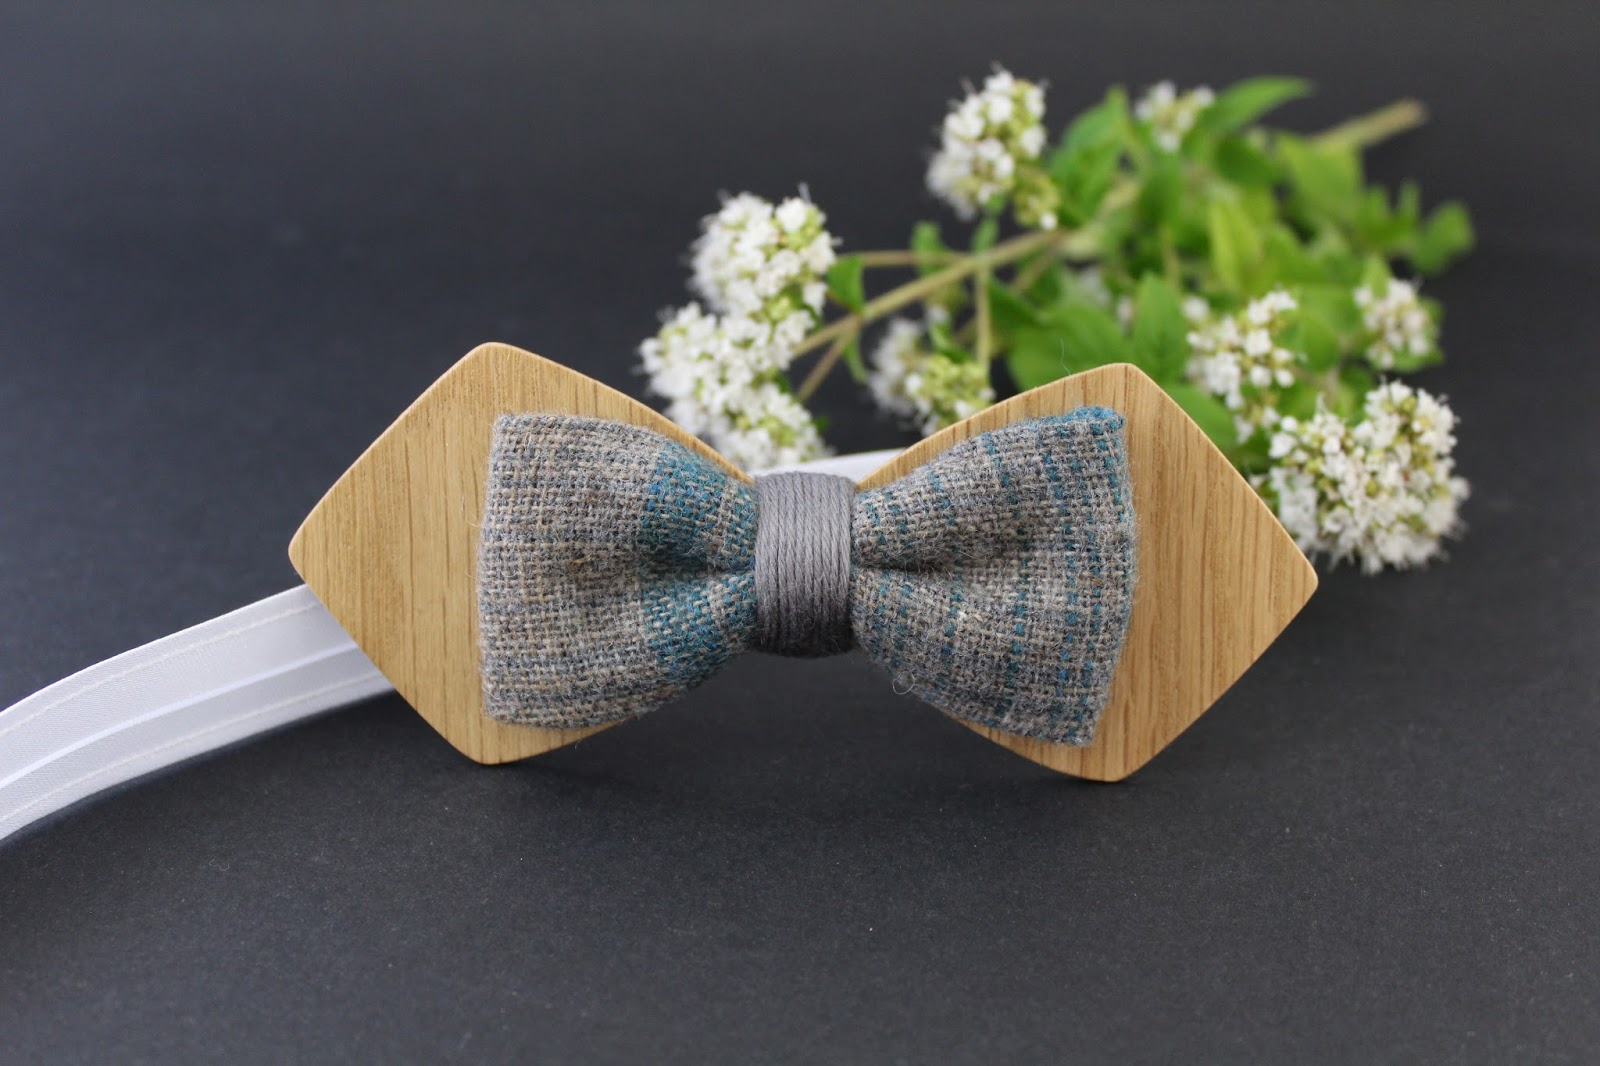 noeuds papillon en bois et cravates bois fr d rique cesbron marqueterie49 noeud papillon. Black Bedroom Furniture Sets. Home Design Ideas